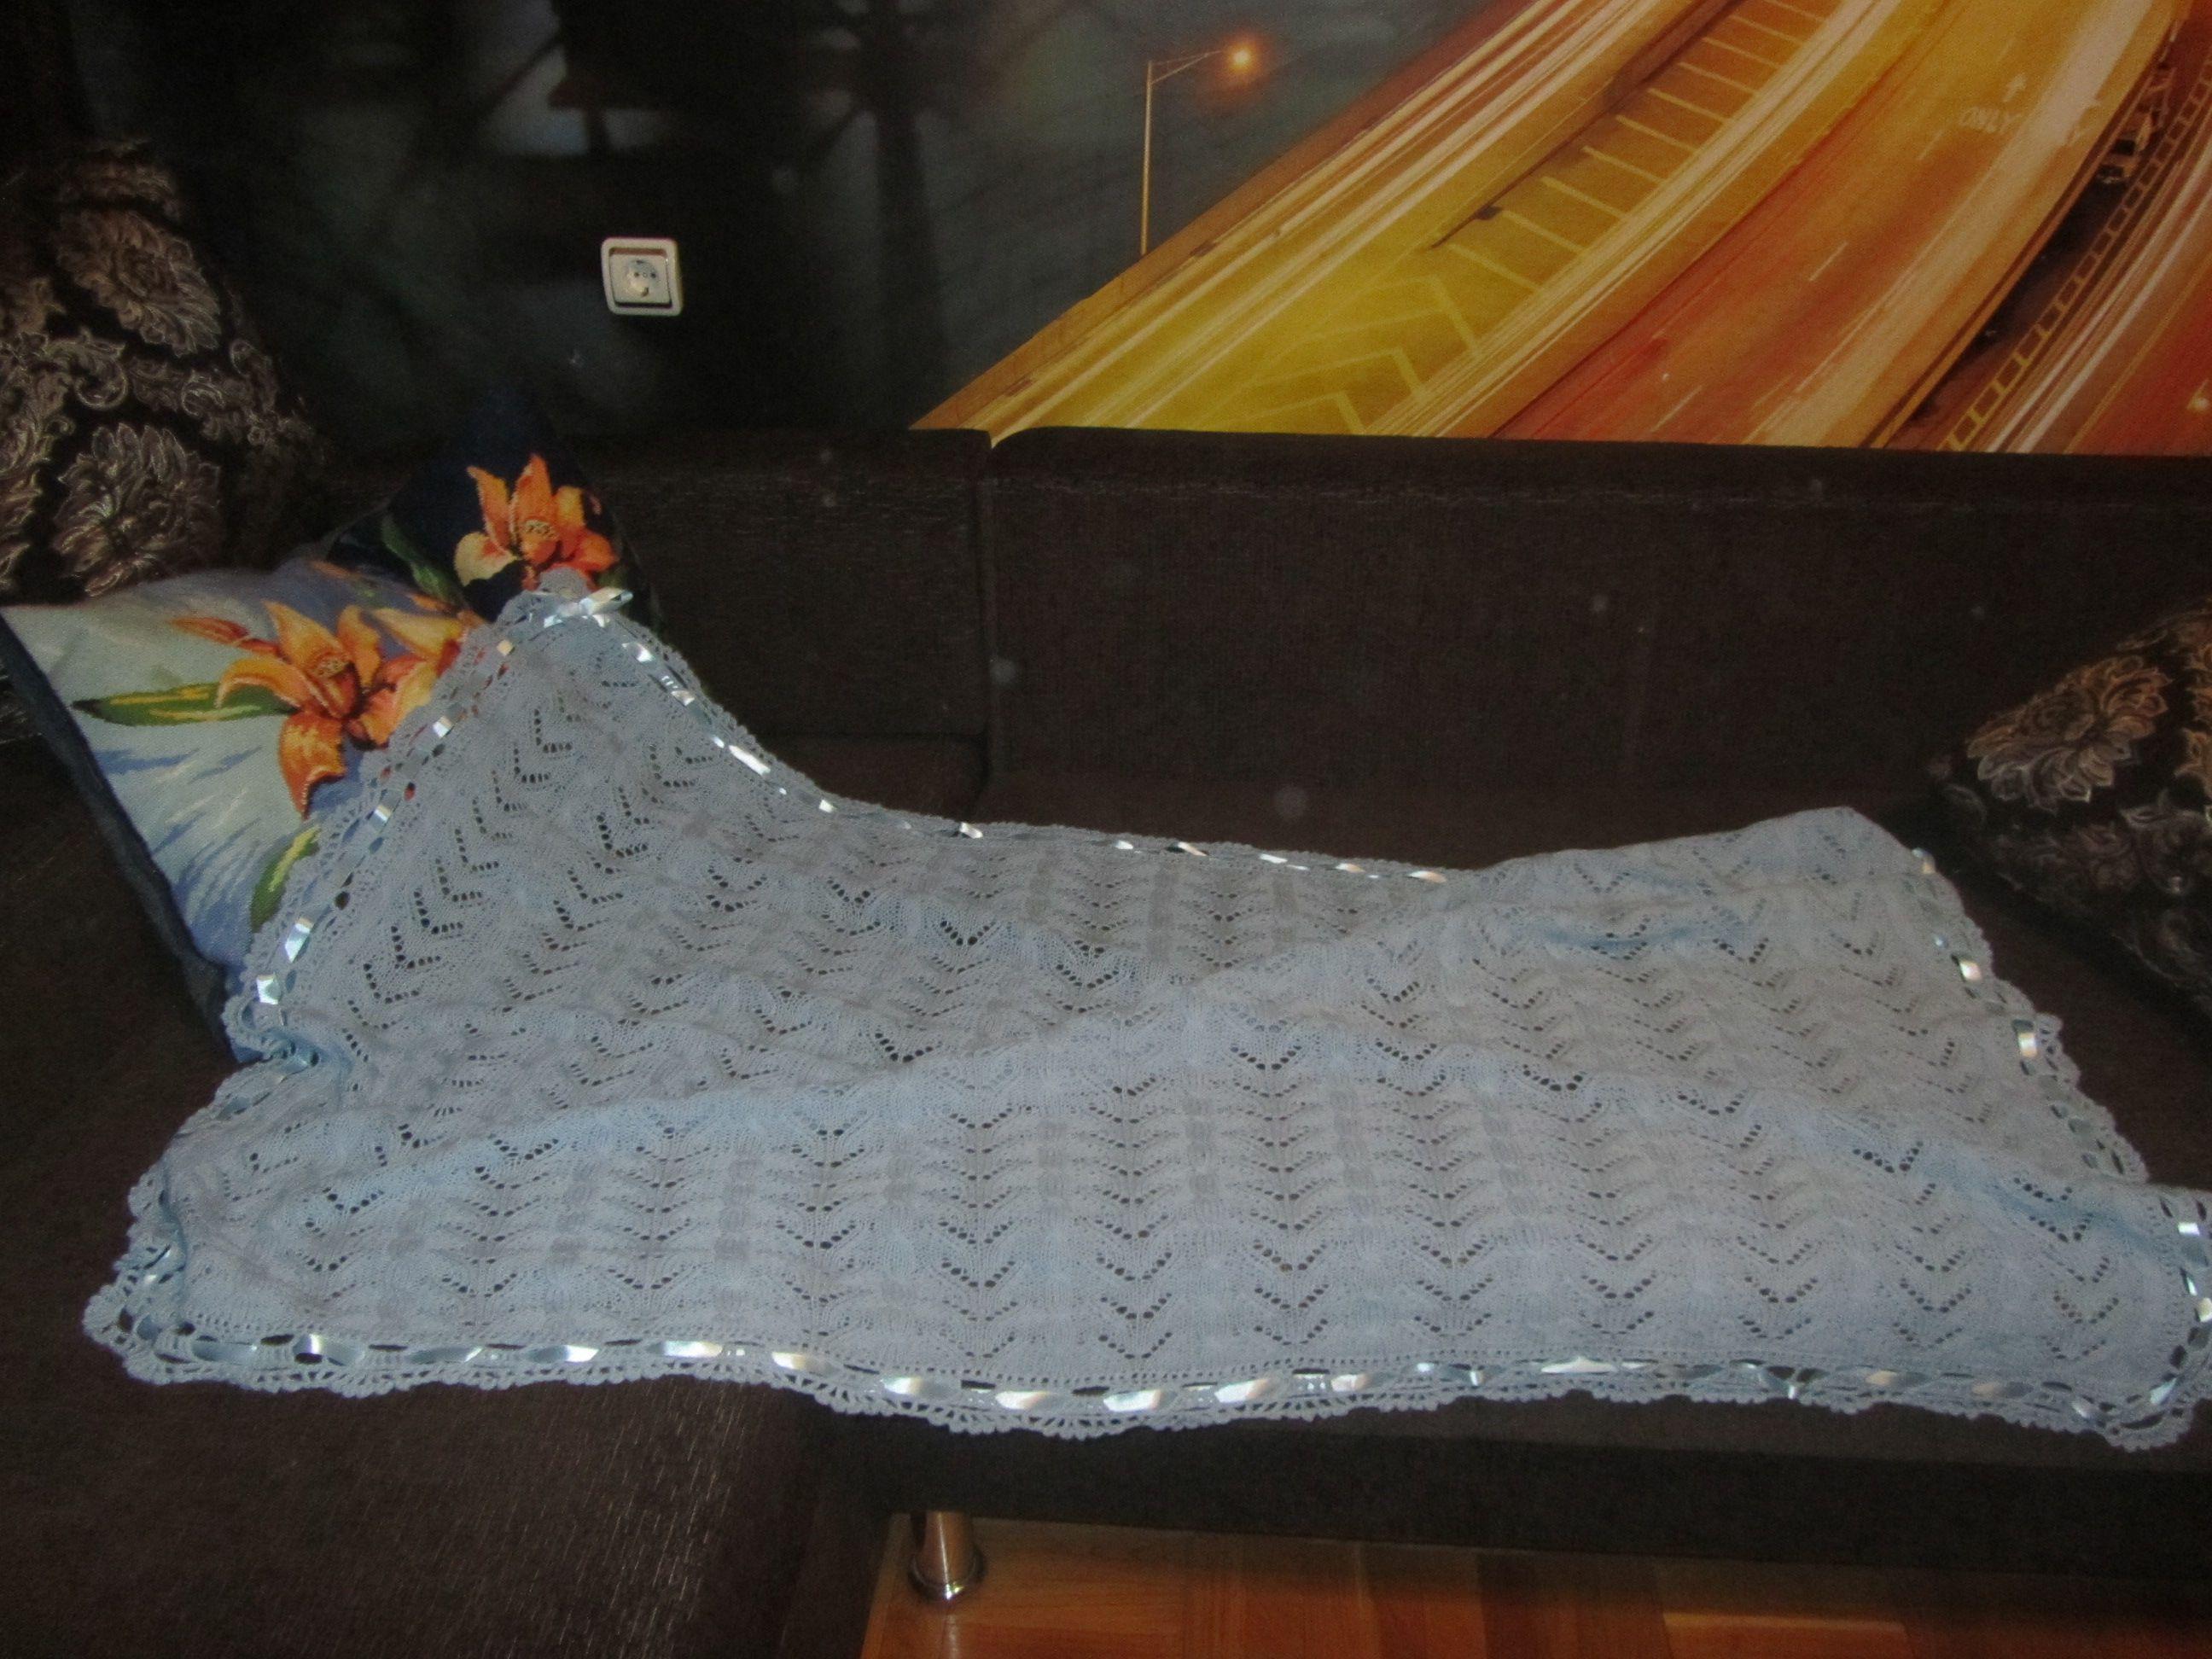 вещи вязаный интерьерная плед украшение интерьер зимний ажурный декоративная шерстяной спальной гостинной диван уютная вещь в